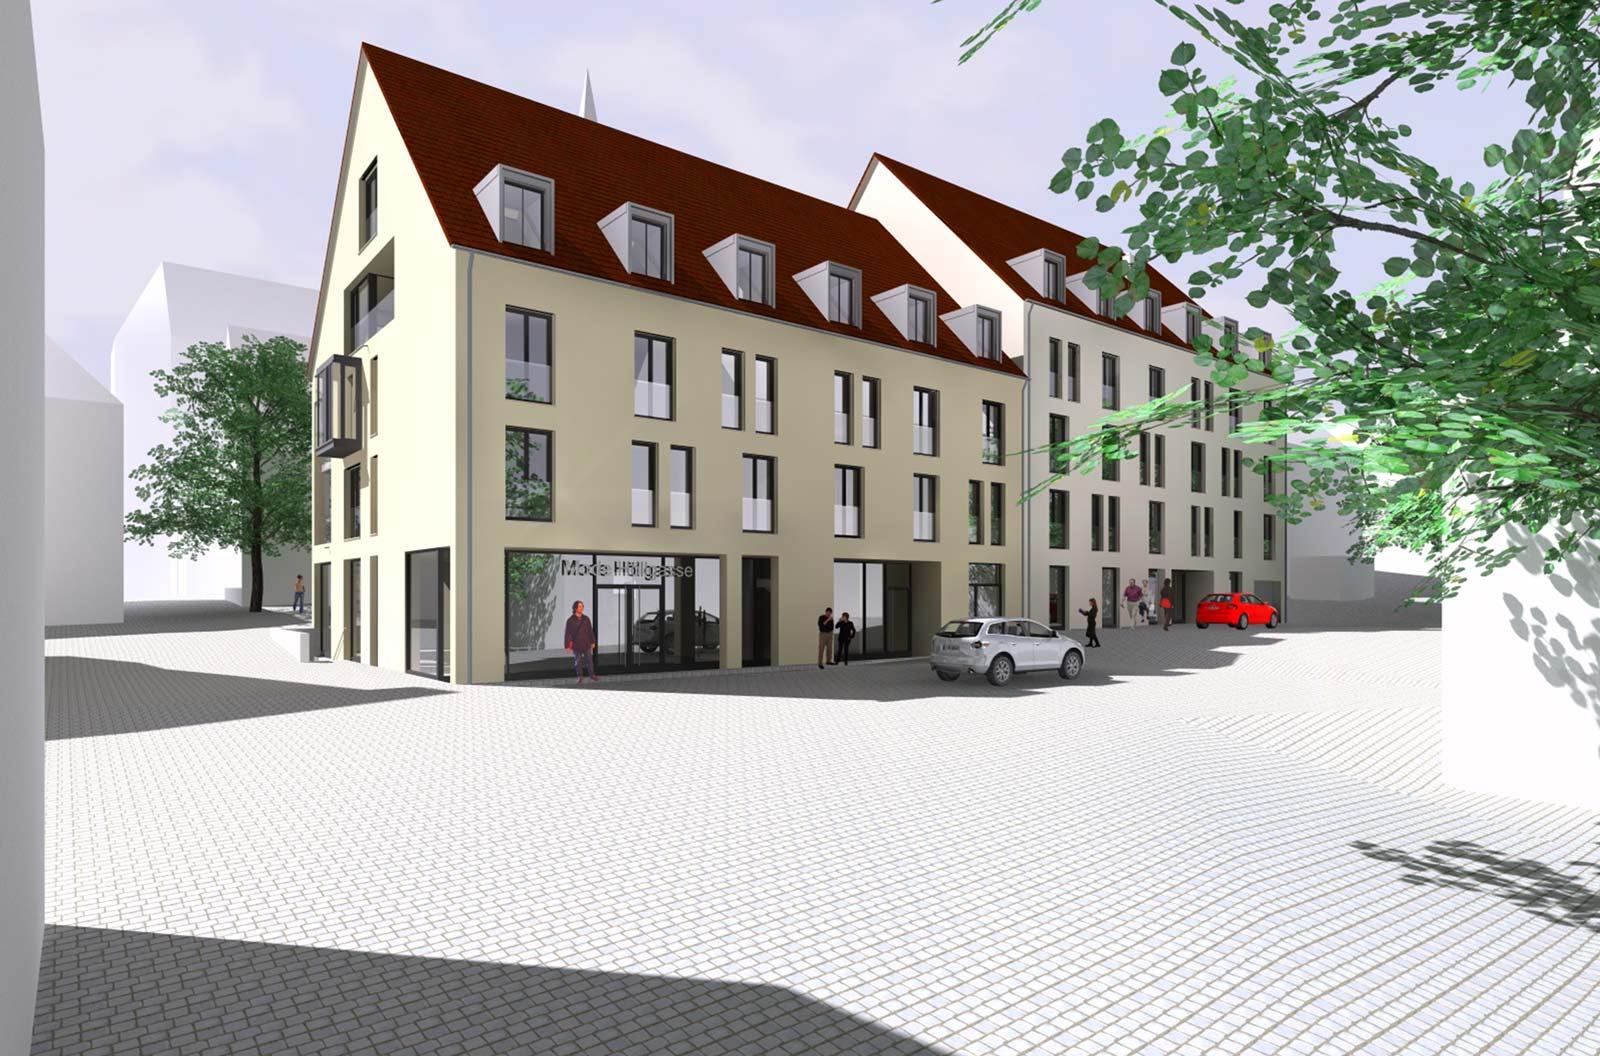 Merz-Immobilien-Rottweil-Alte-Paketpost-3